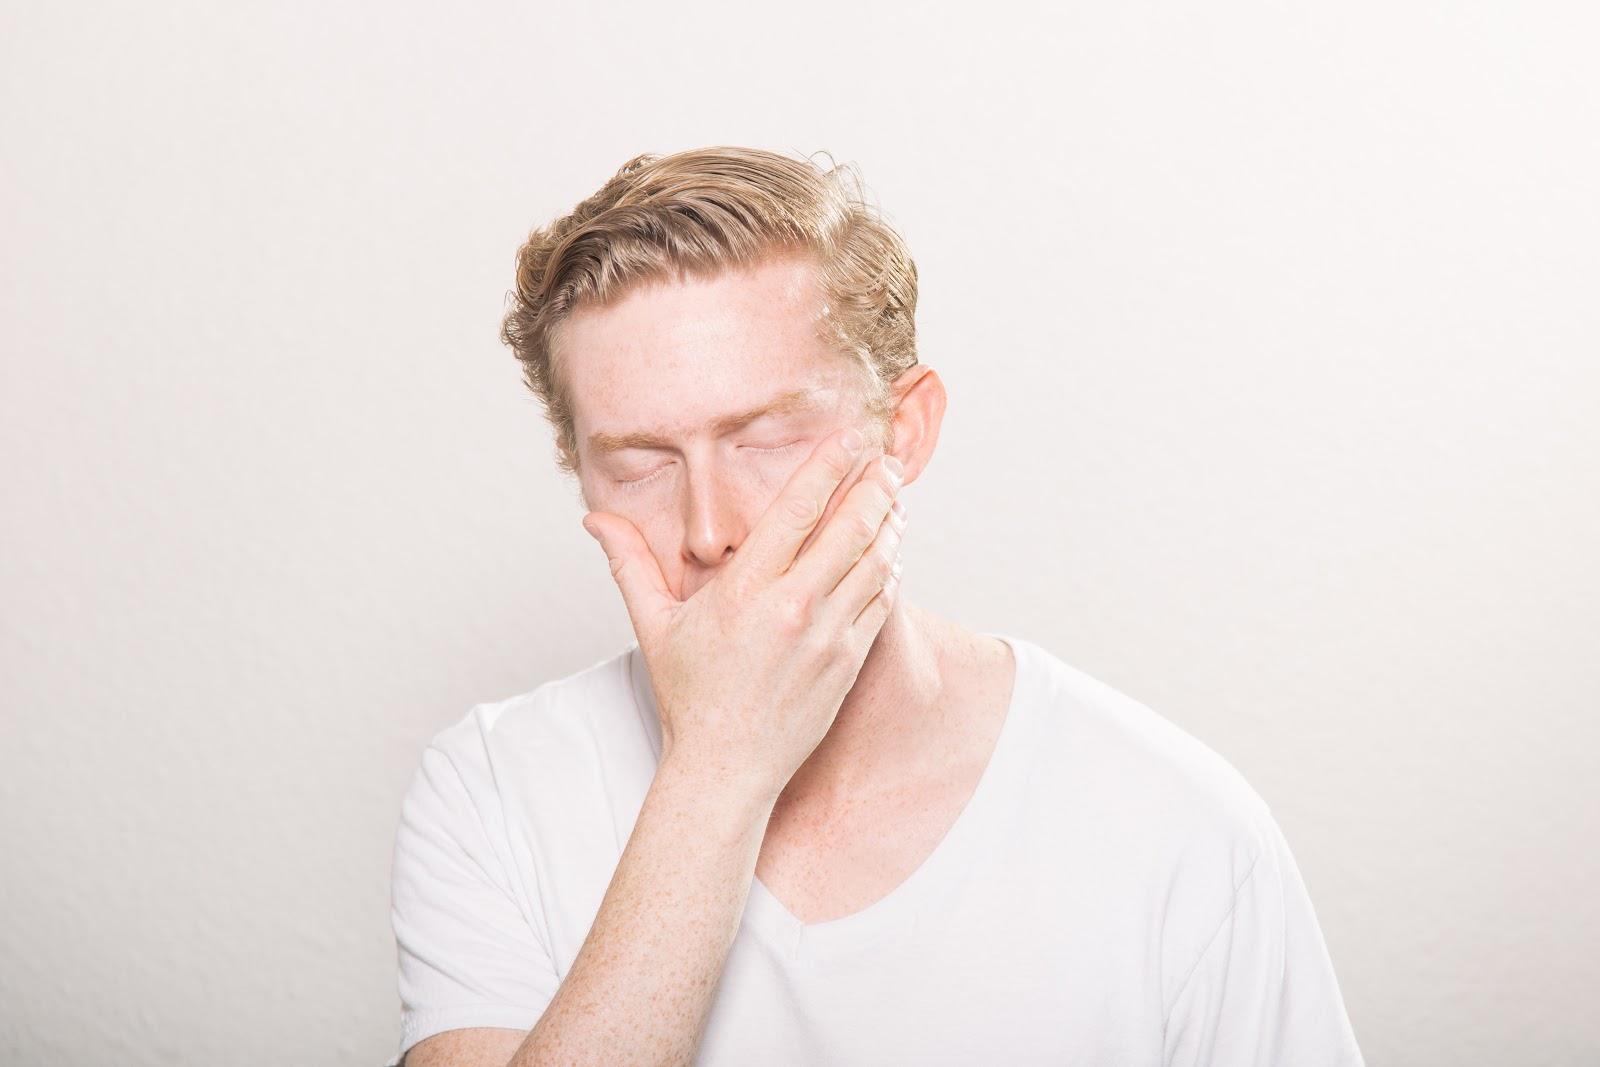 ナツメグ 中毒 症状